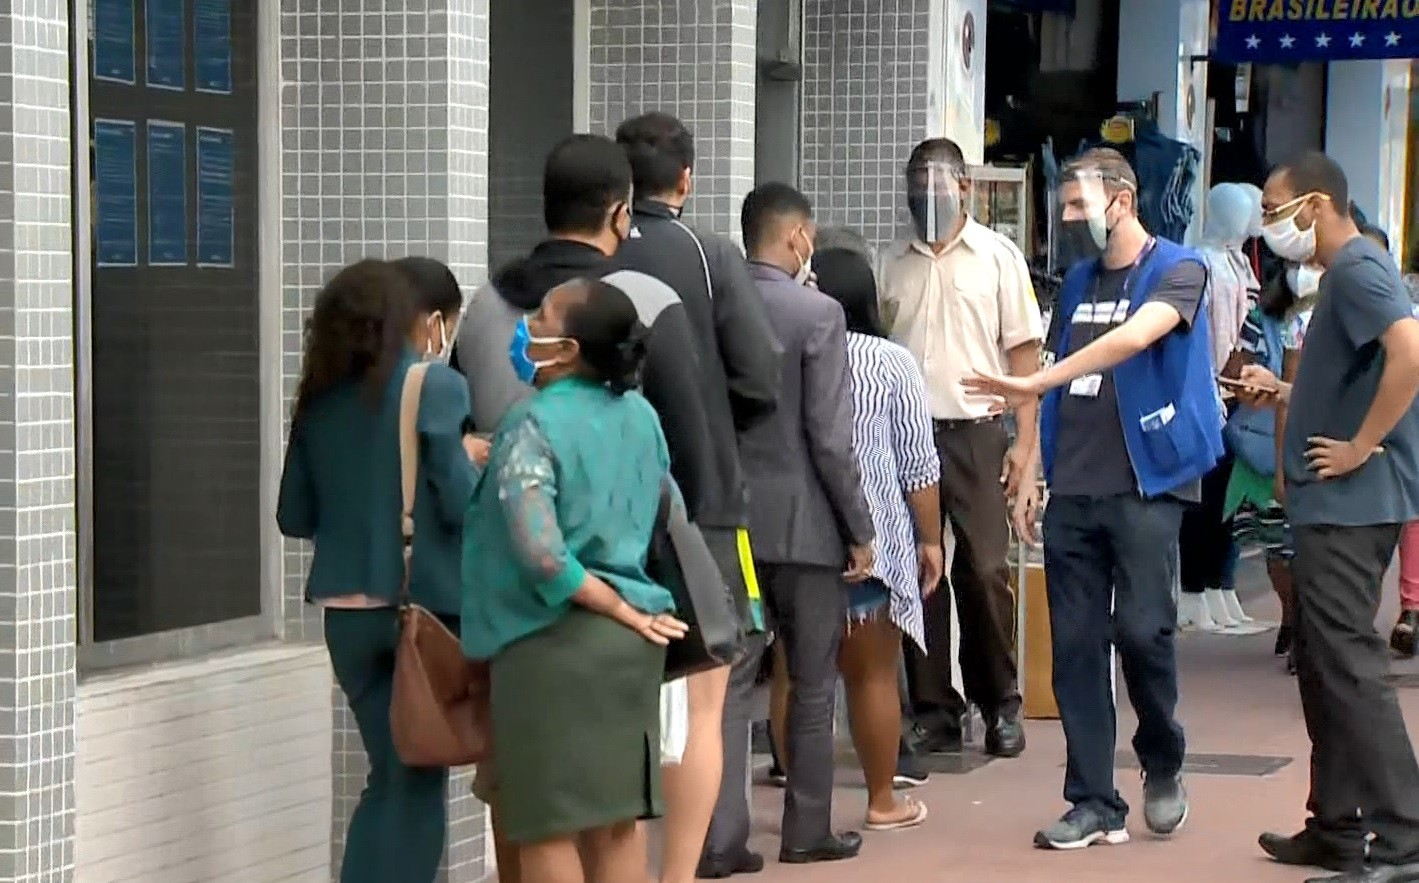 Criminoso invade e assalta agência de banco em Vila Velha, ES